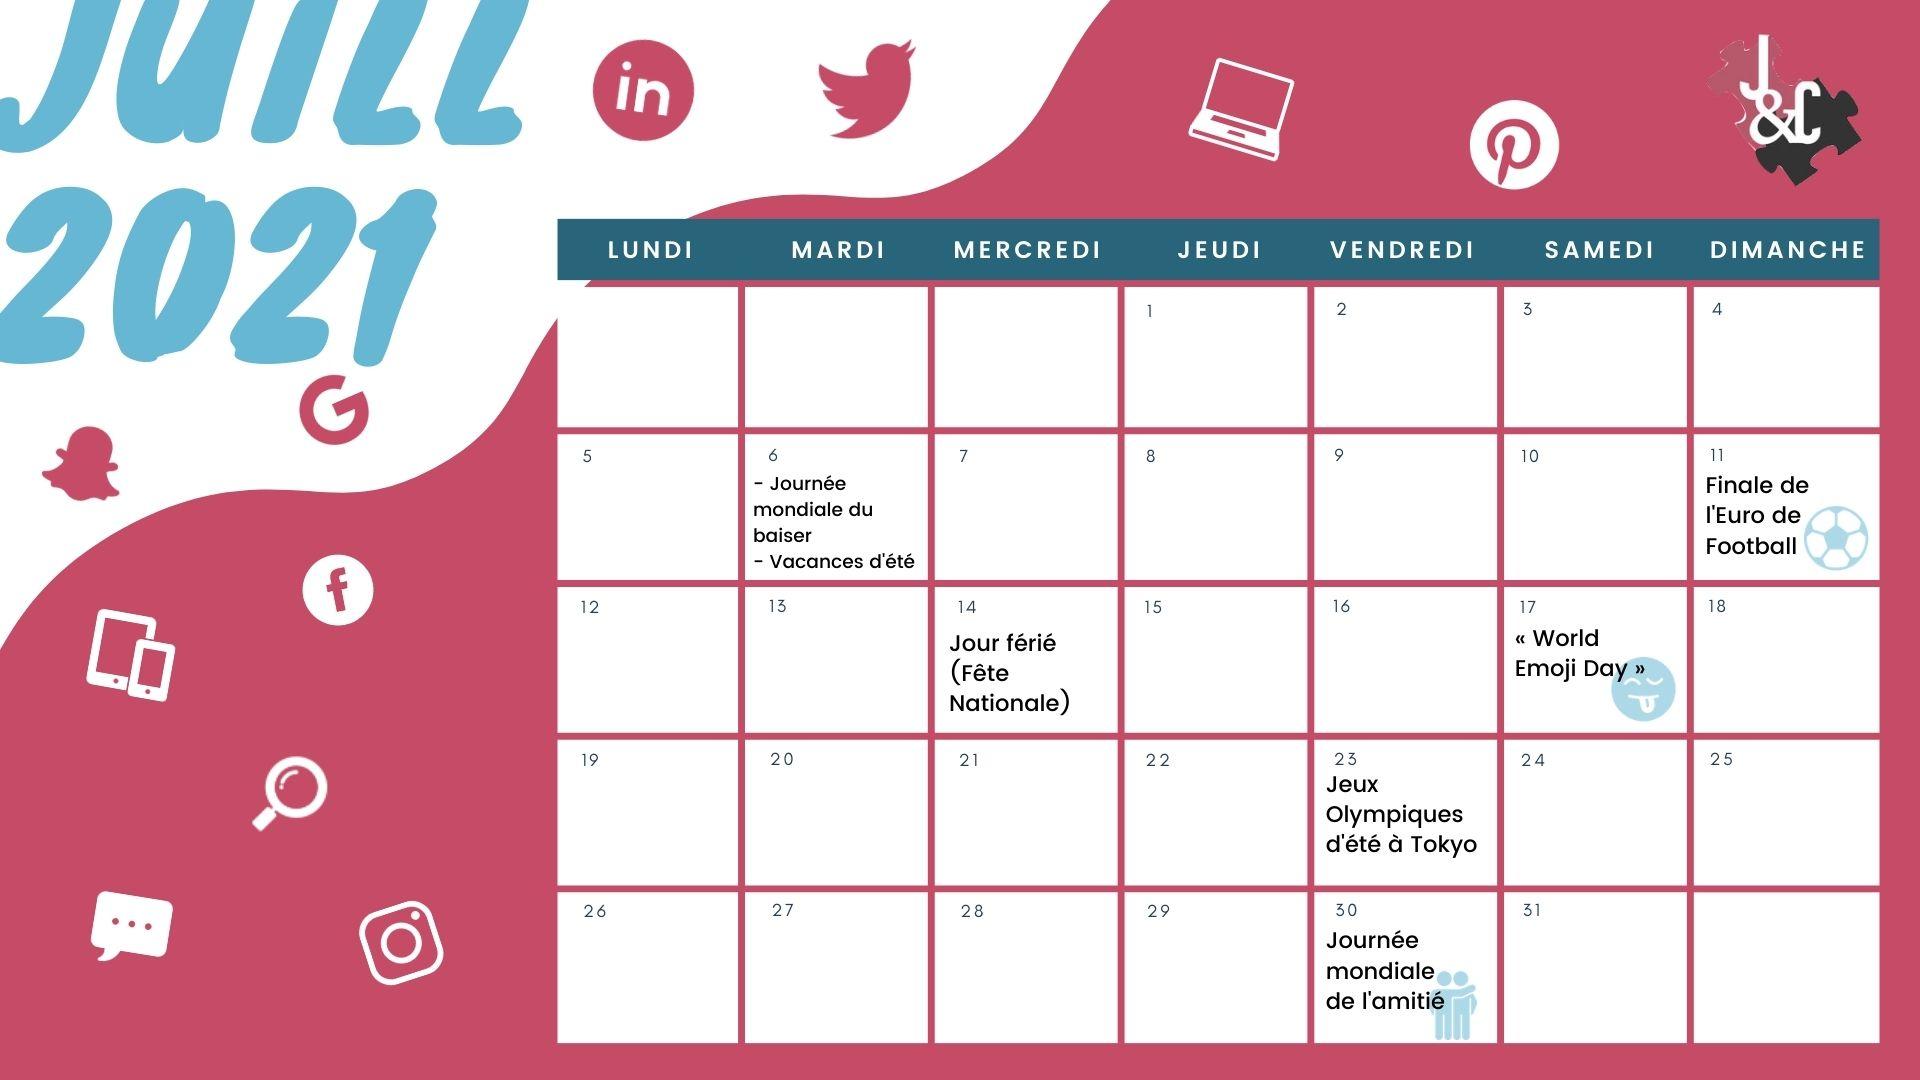 Retrouvez tous les événements du mois de juin grâce à votre calendrier marronnier juillet 2021 !